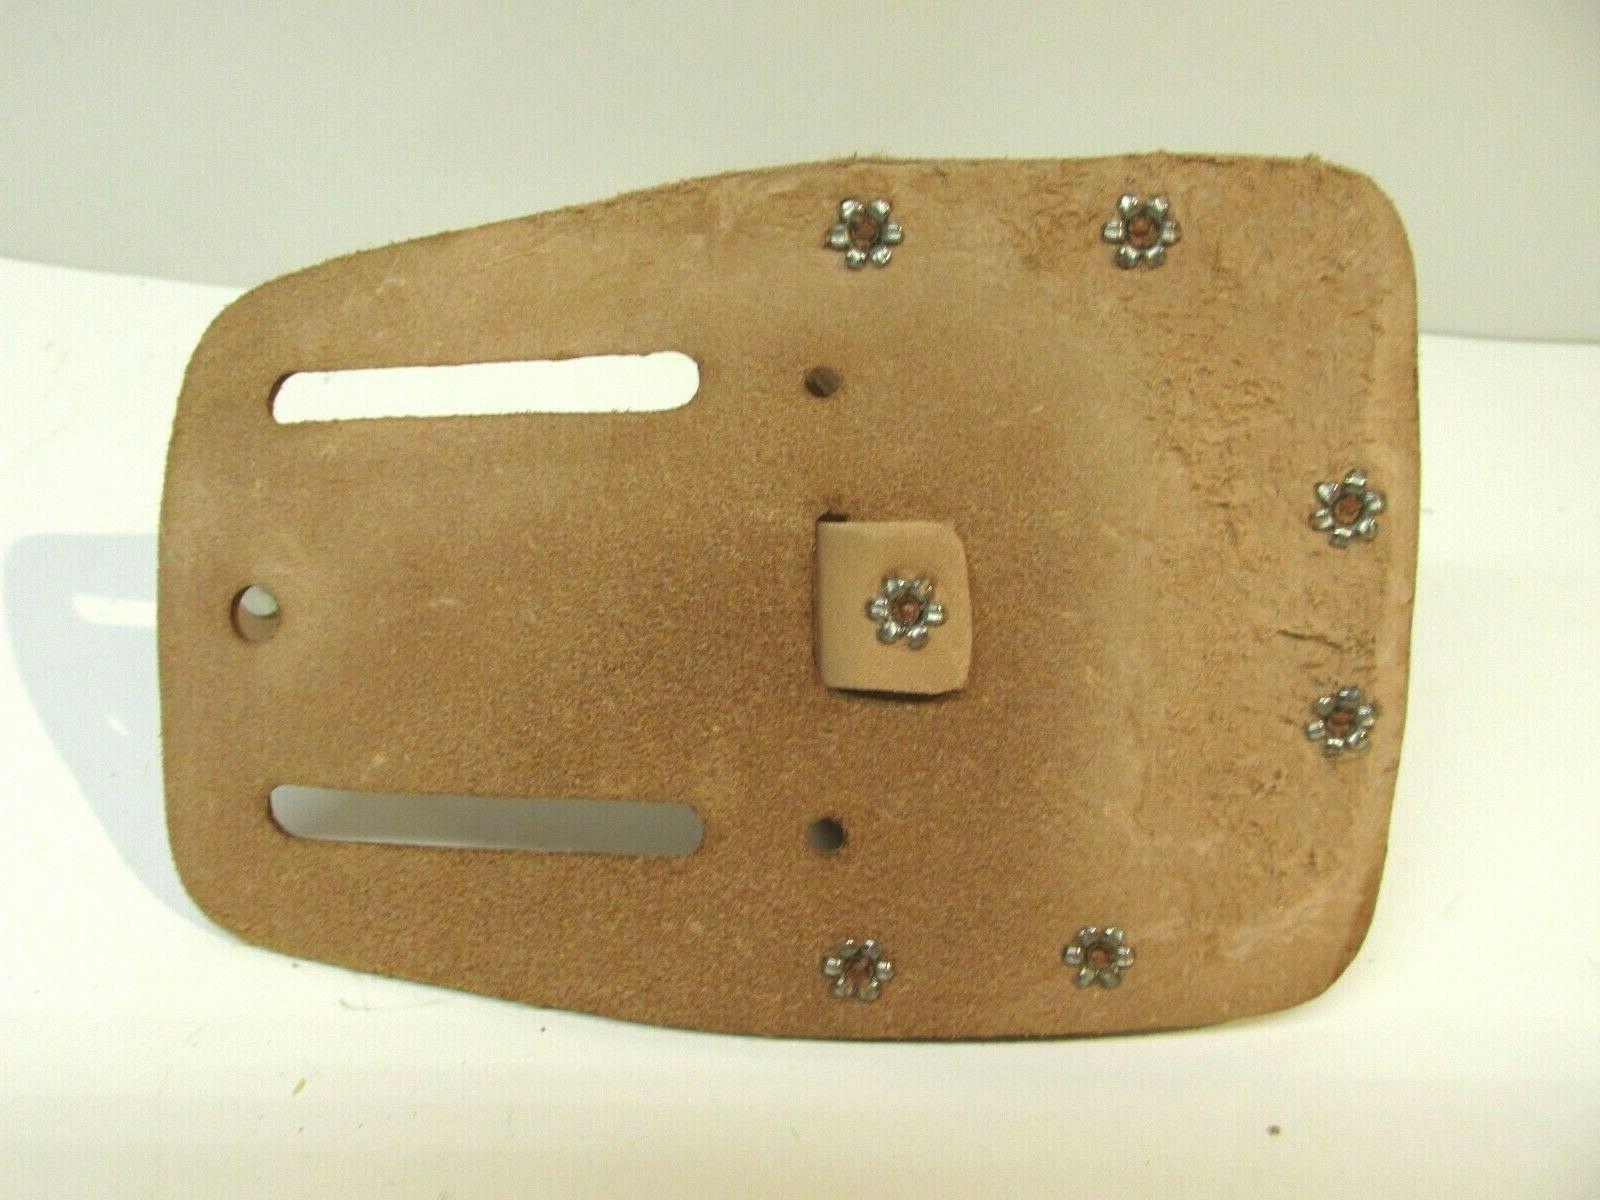 Carpenter Measure Pouch Attachment